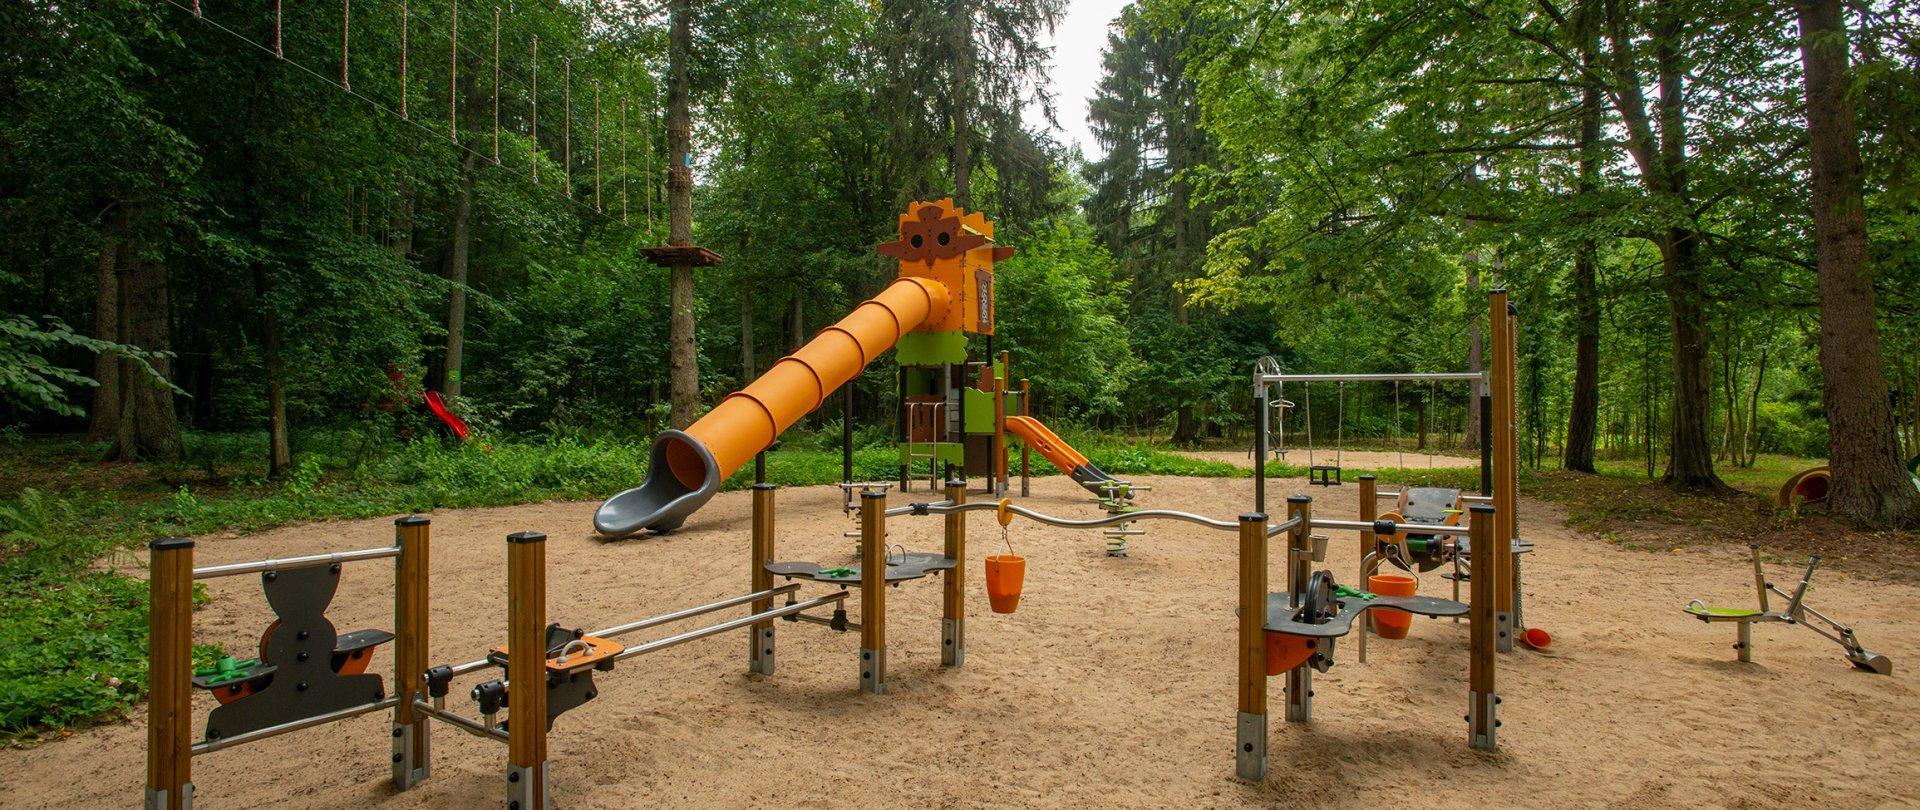 Plac zabaw dla dzieci i młodzieży